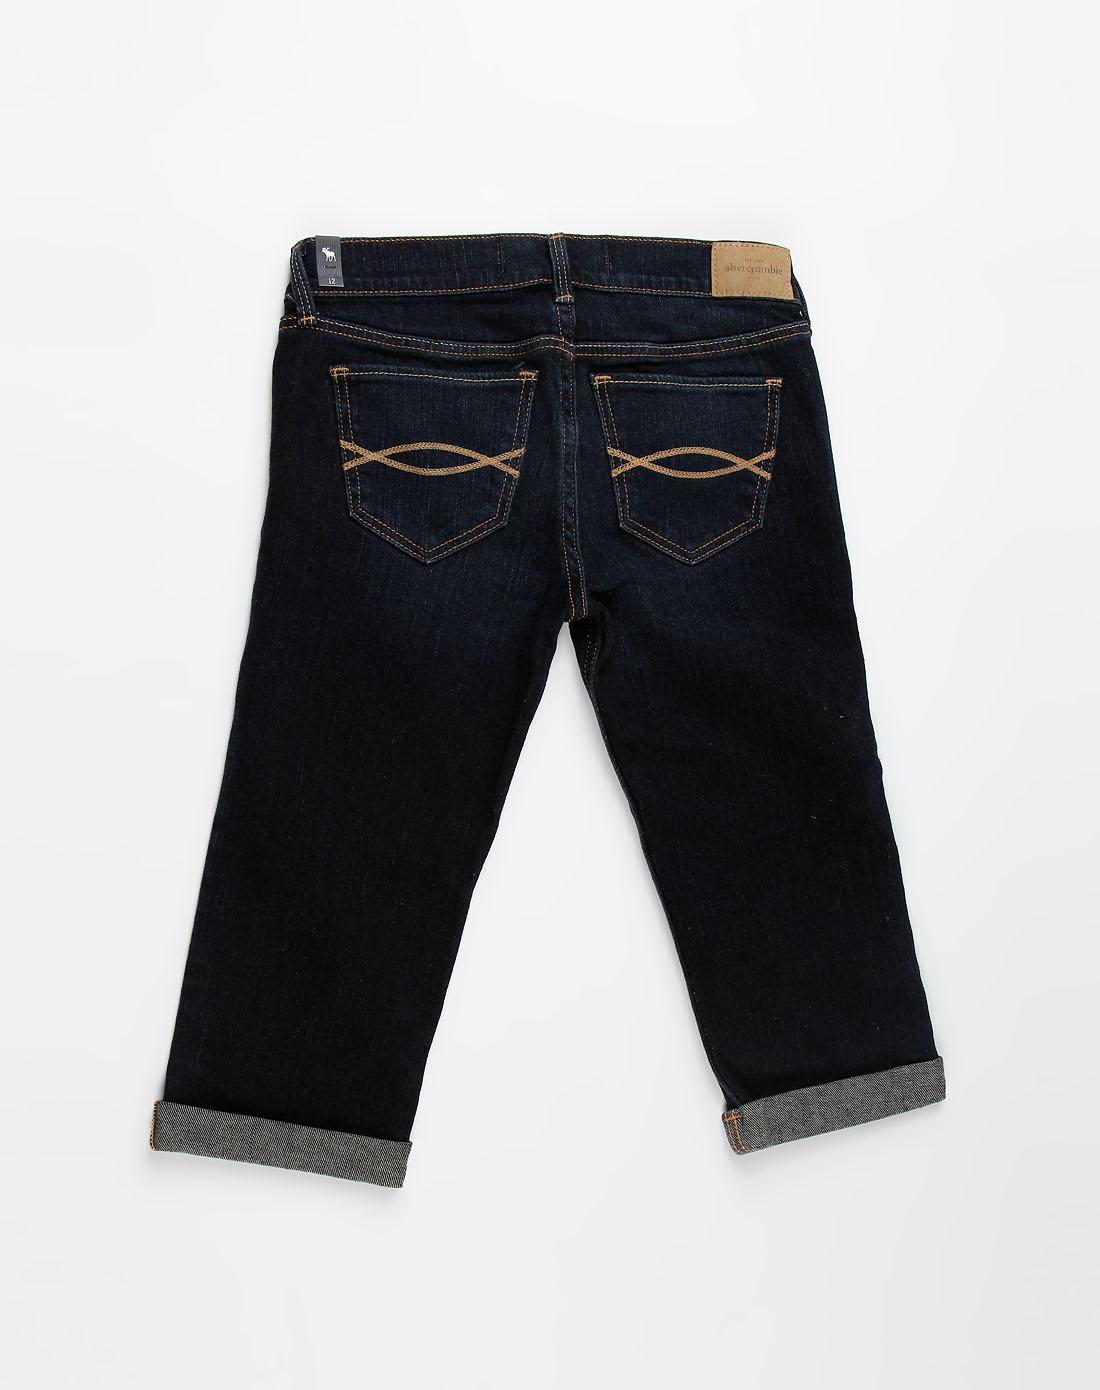 a&f-童装少女深蓝色牛仔中裤